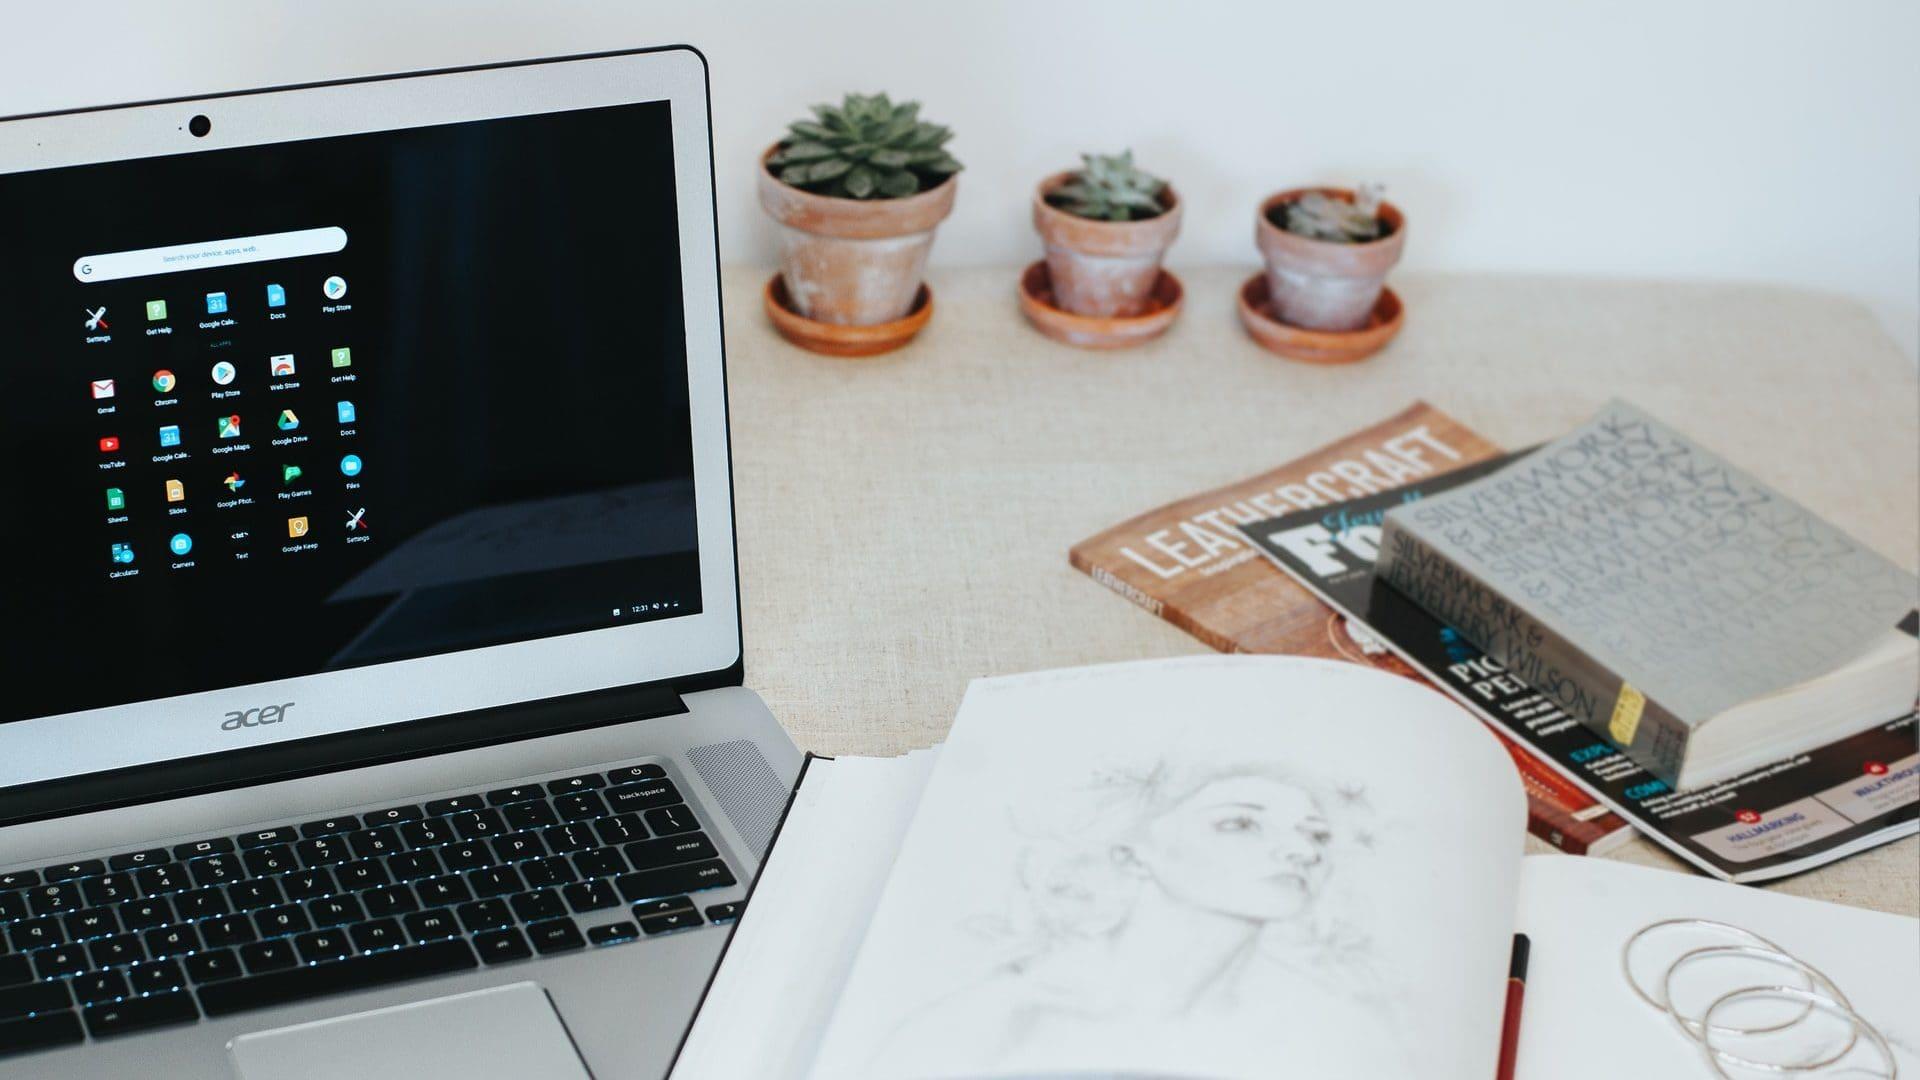 Chromebook op tafel, met boeken en plantjes op de achtergrond.